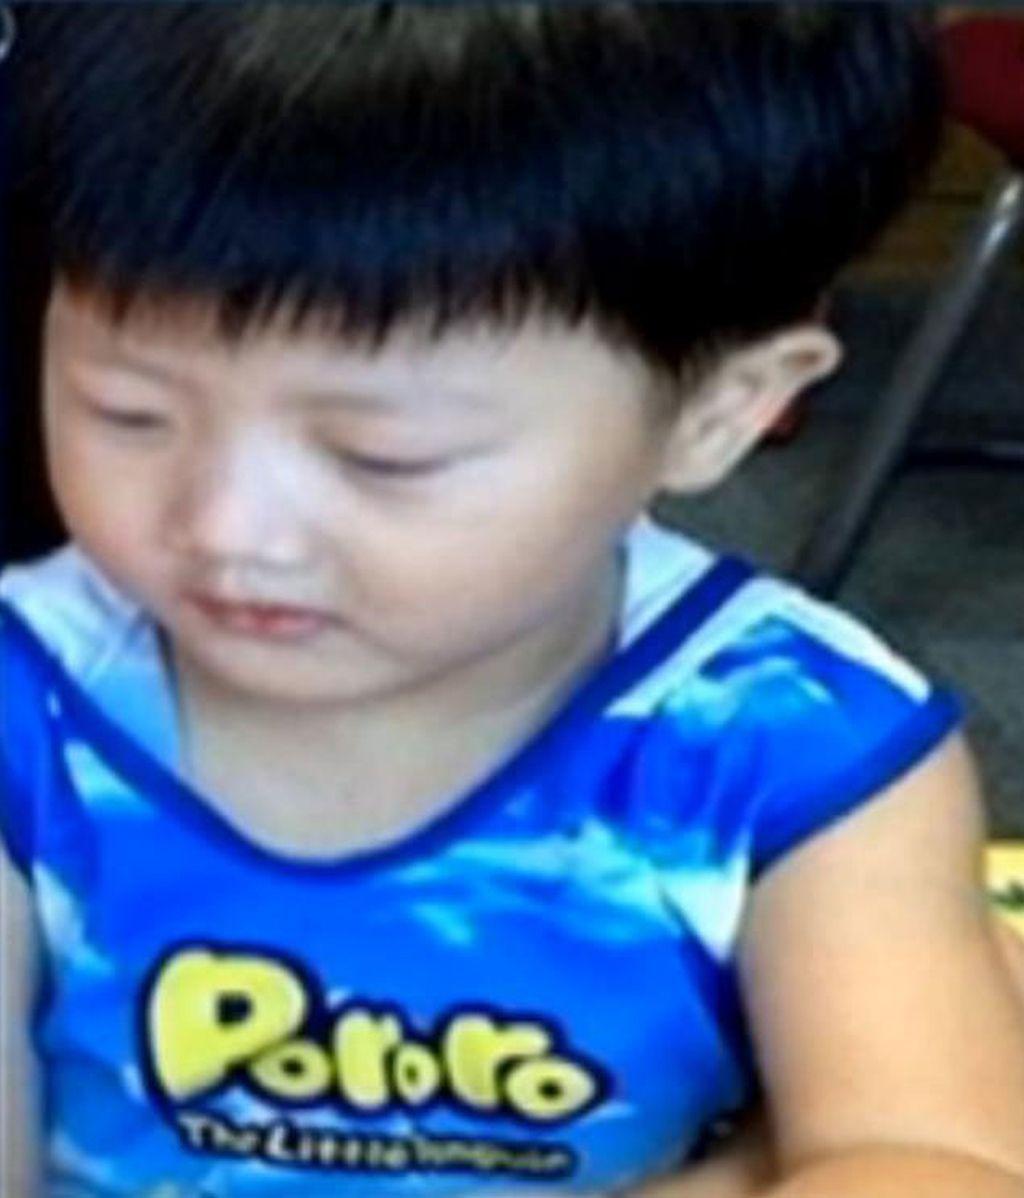 Un padre acusado de matar al niño de tres años que había adoptado tres meses antes